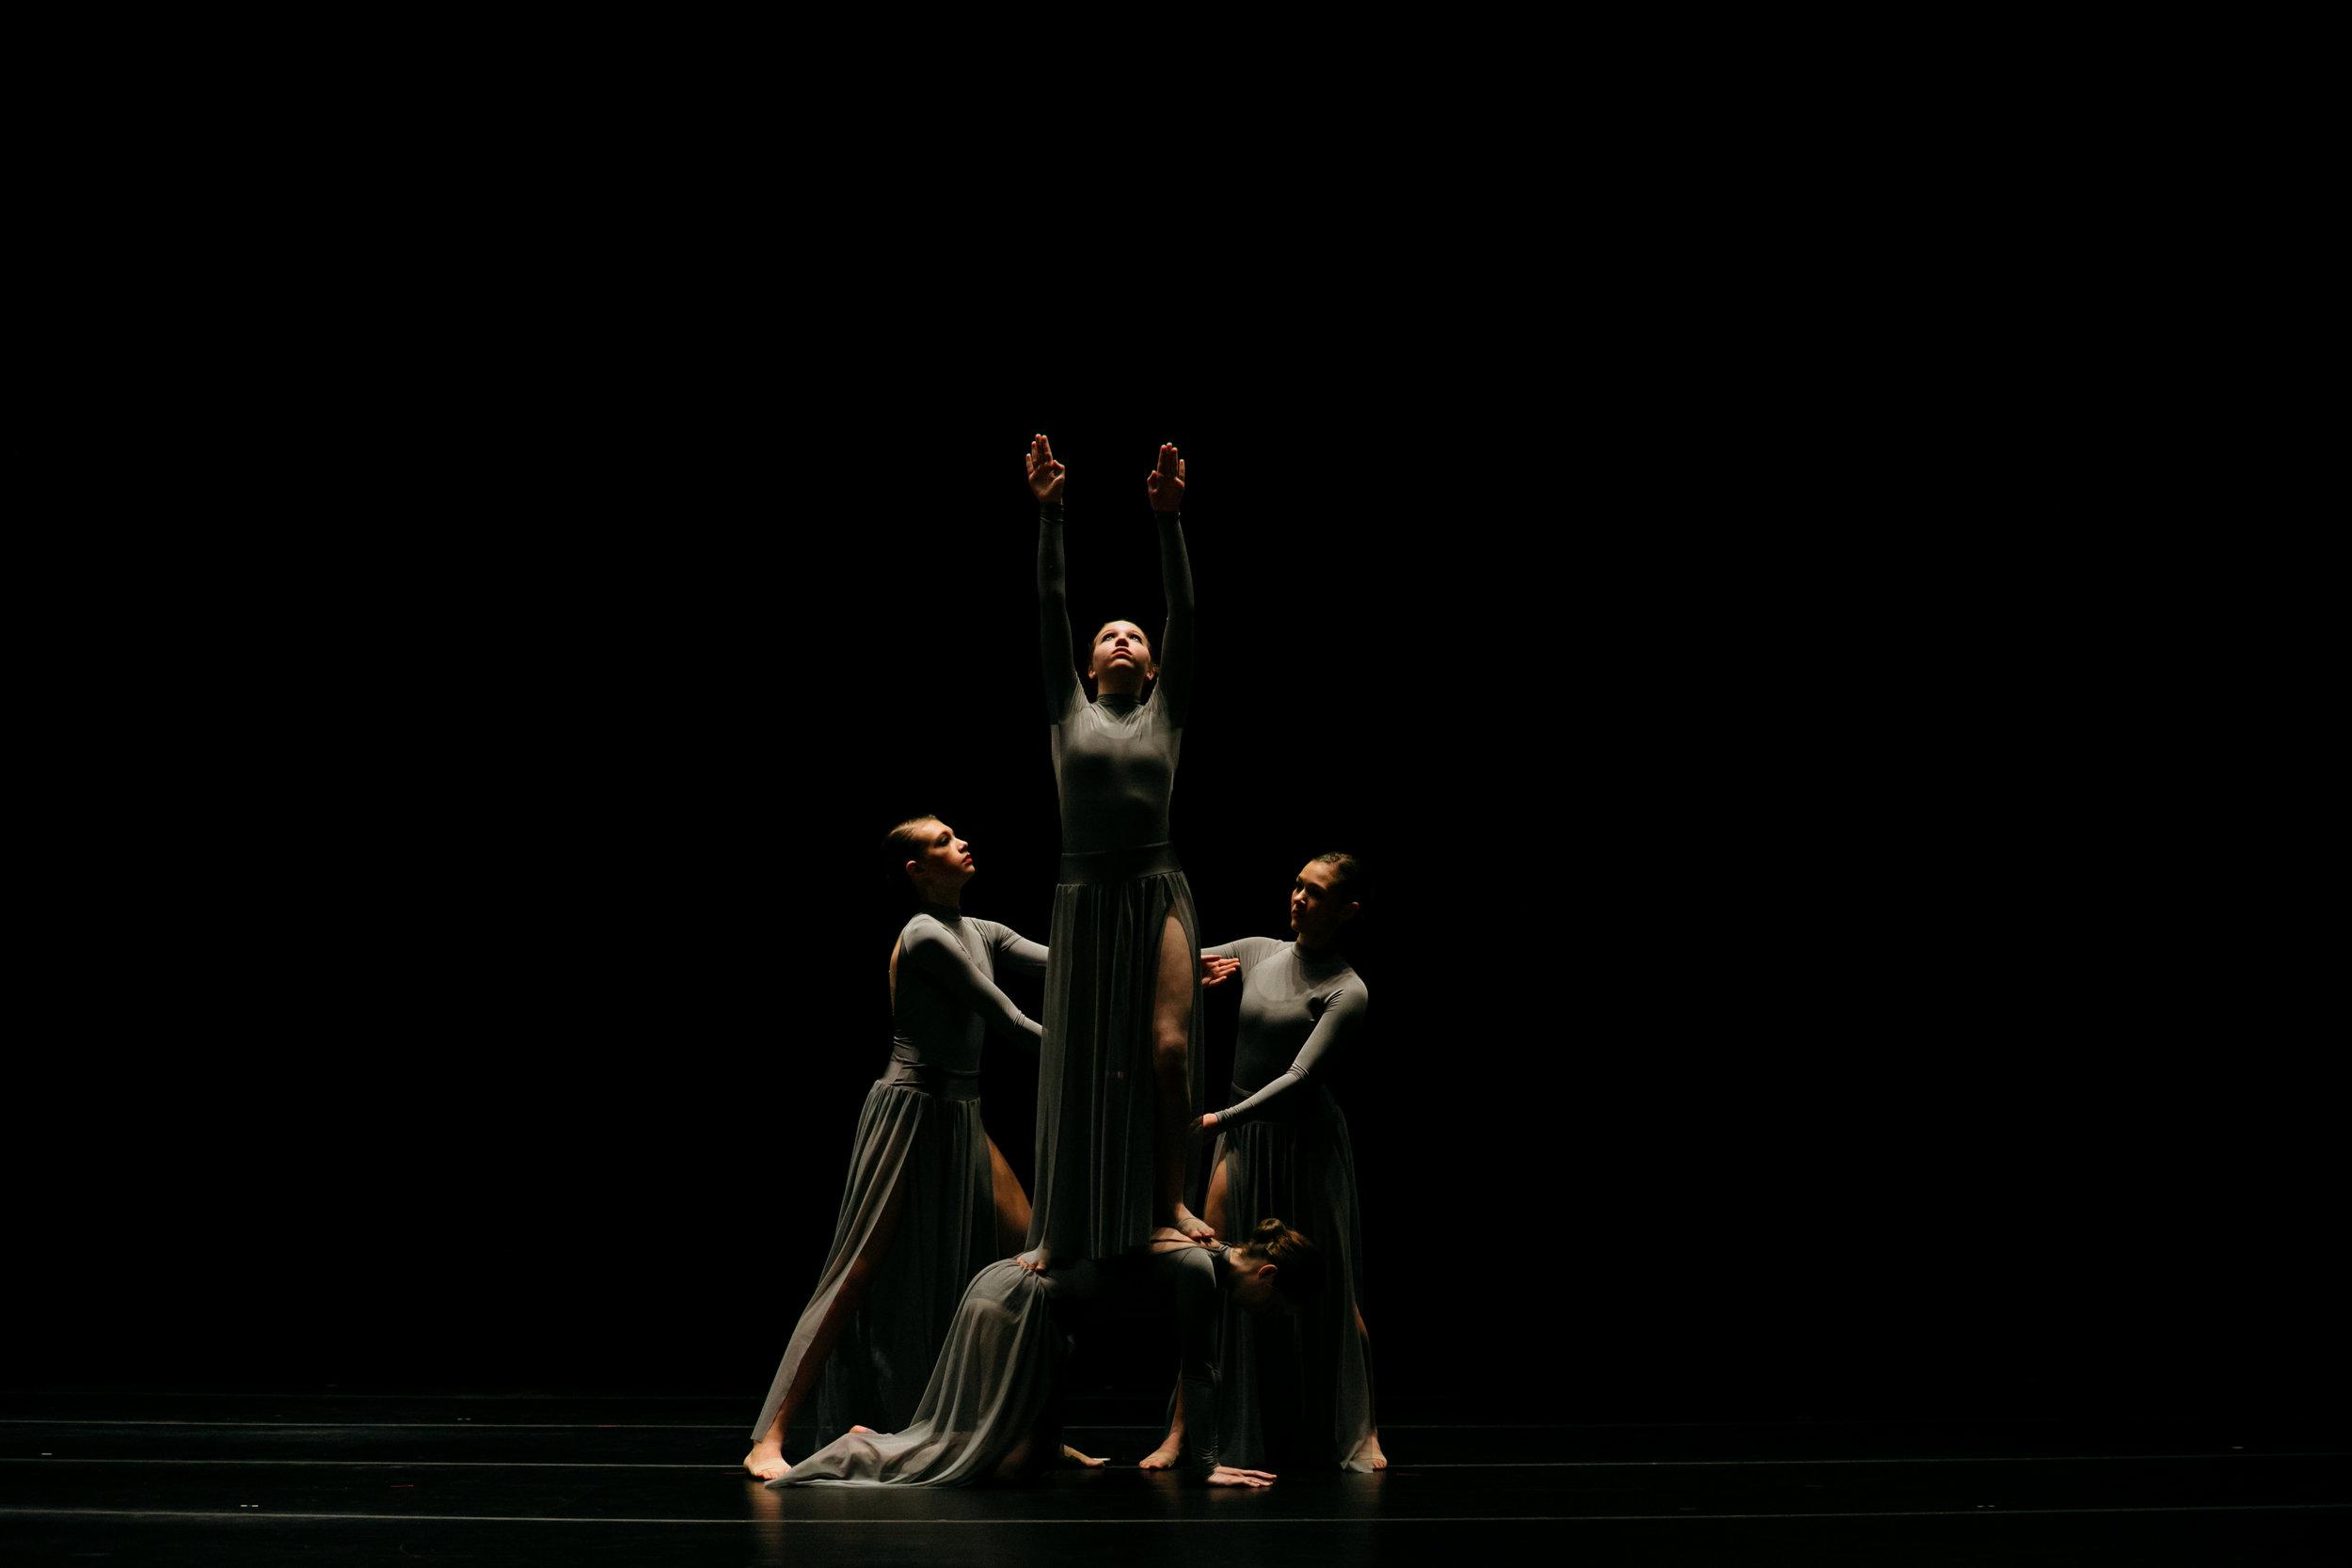 dance_photography_Cincinnati_Ohio-1002.jpg